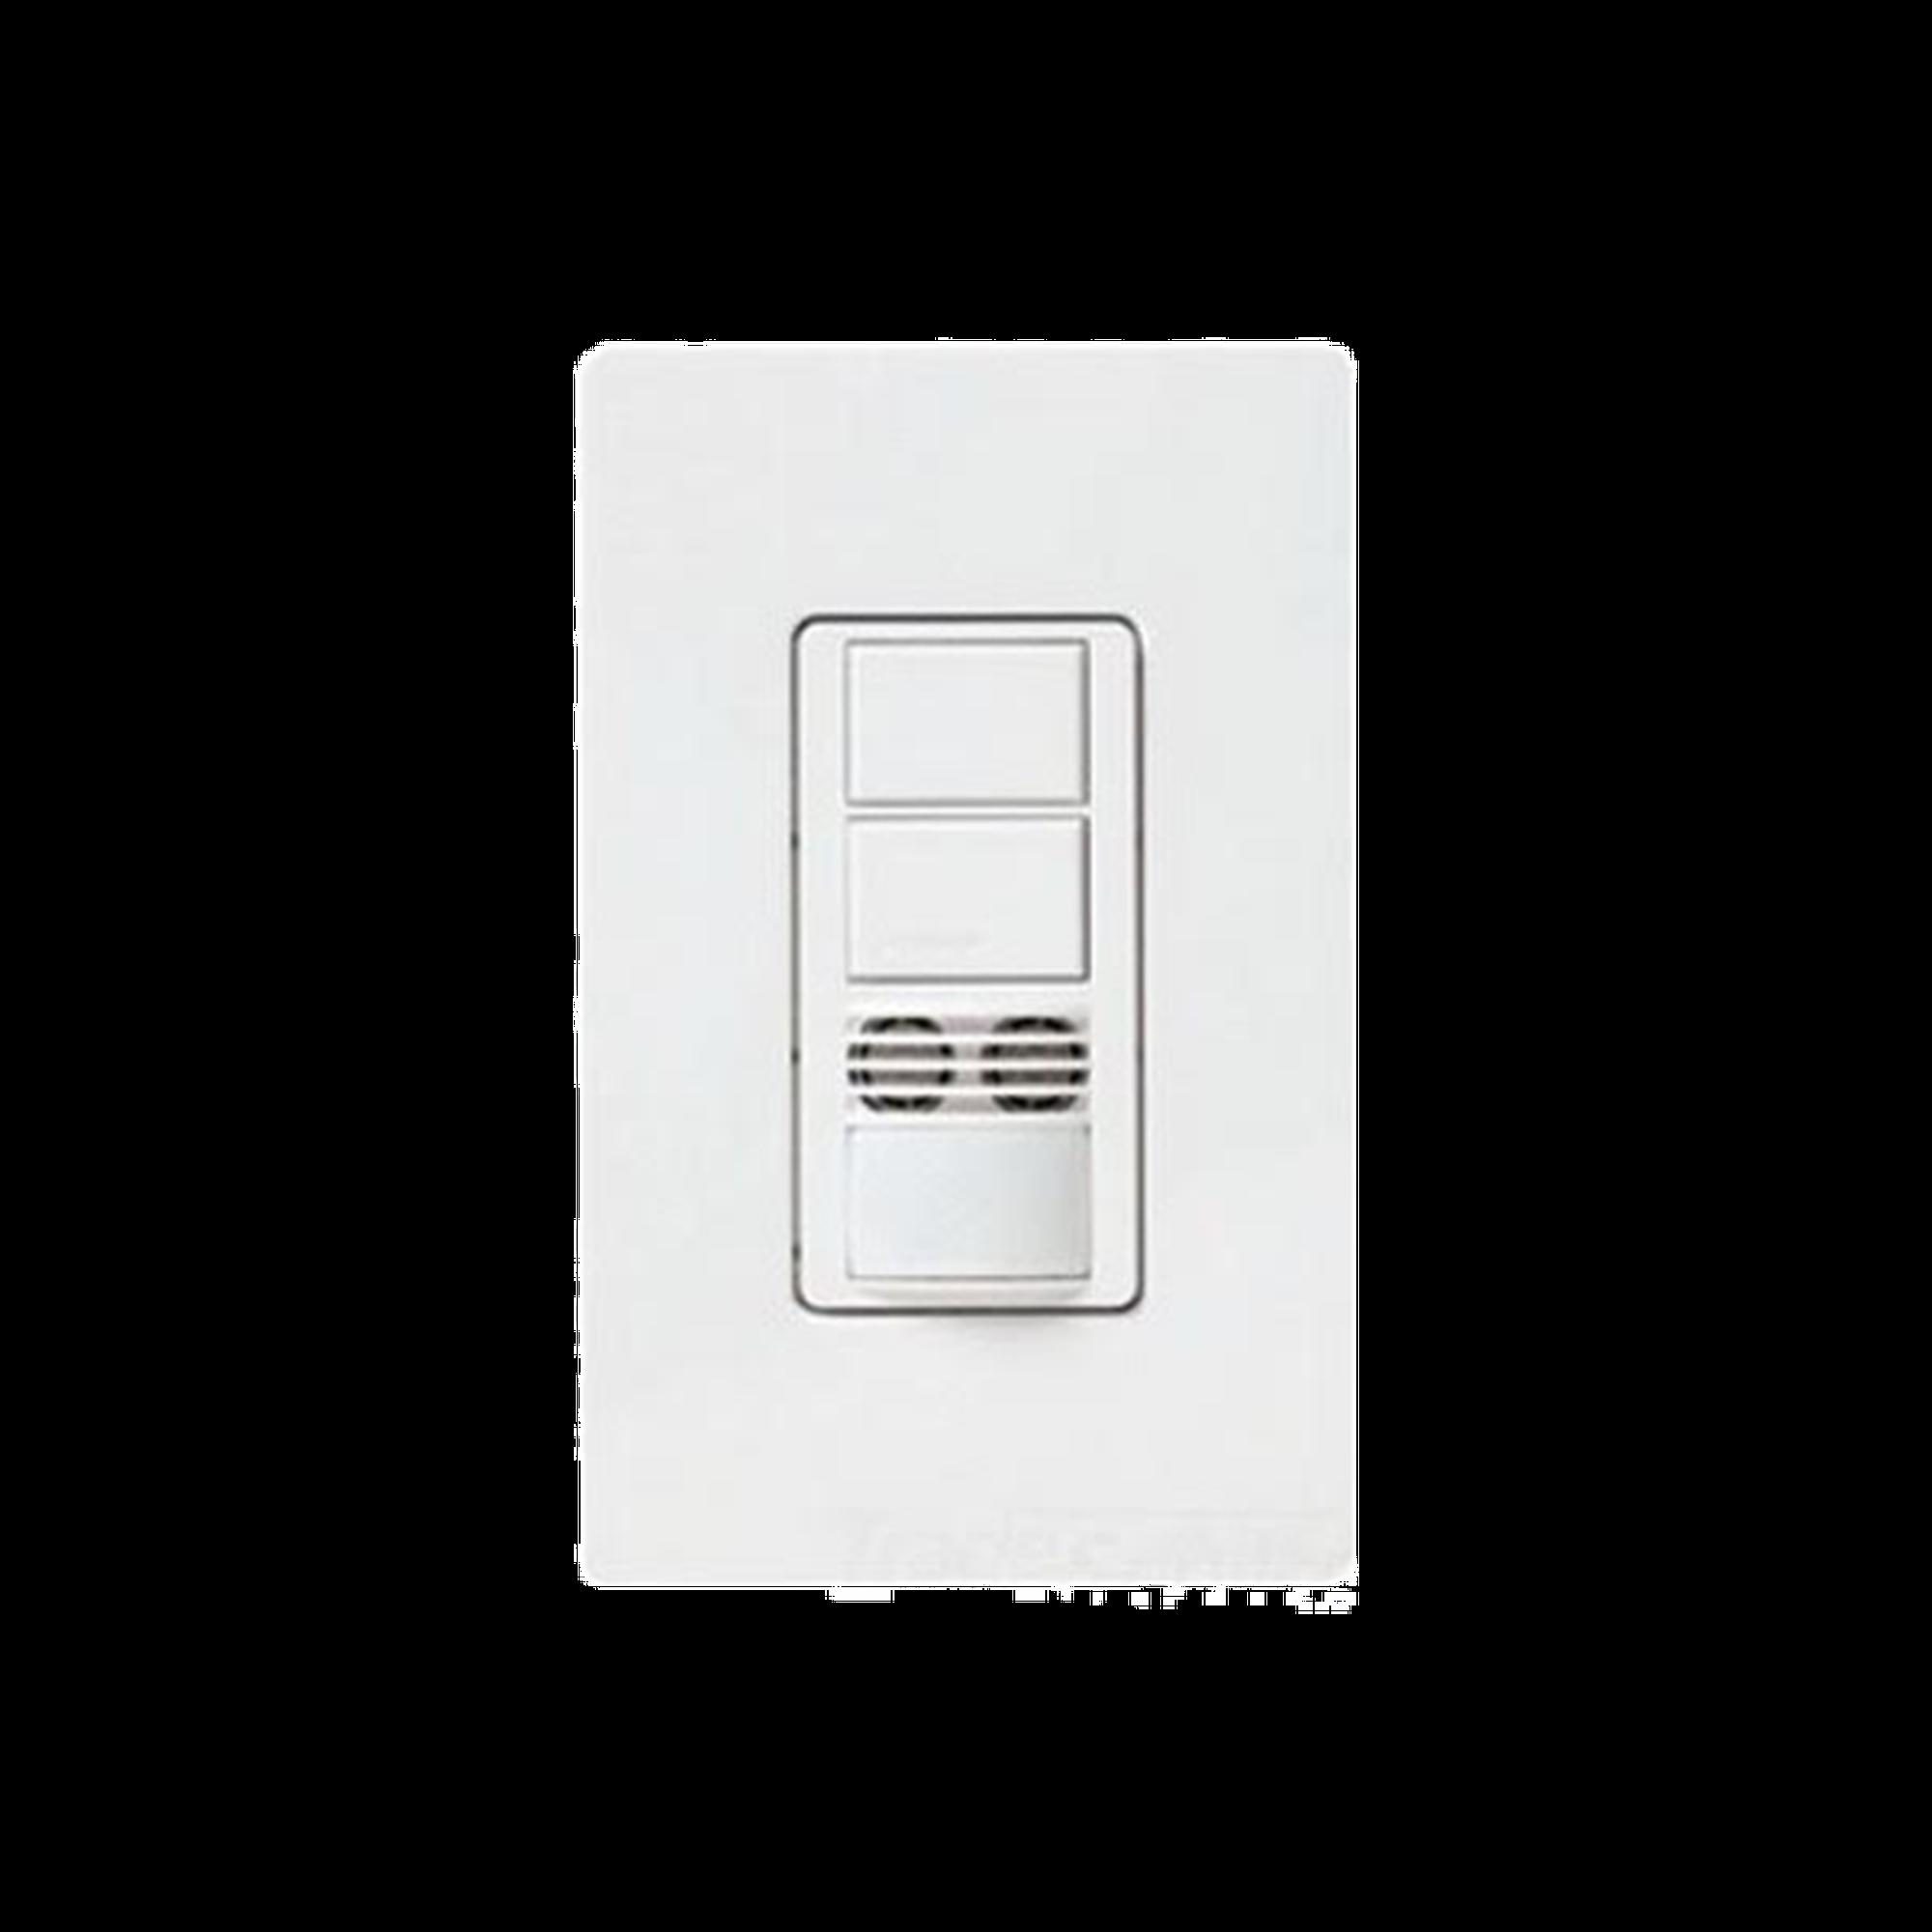 Interruptor con Sensor de Ocupación, Doble Tecnología Para Detección de Movimiento, Color Blanco